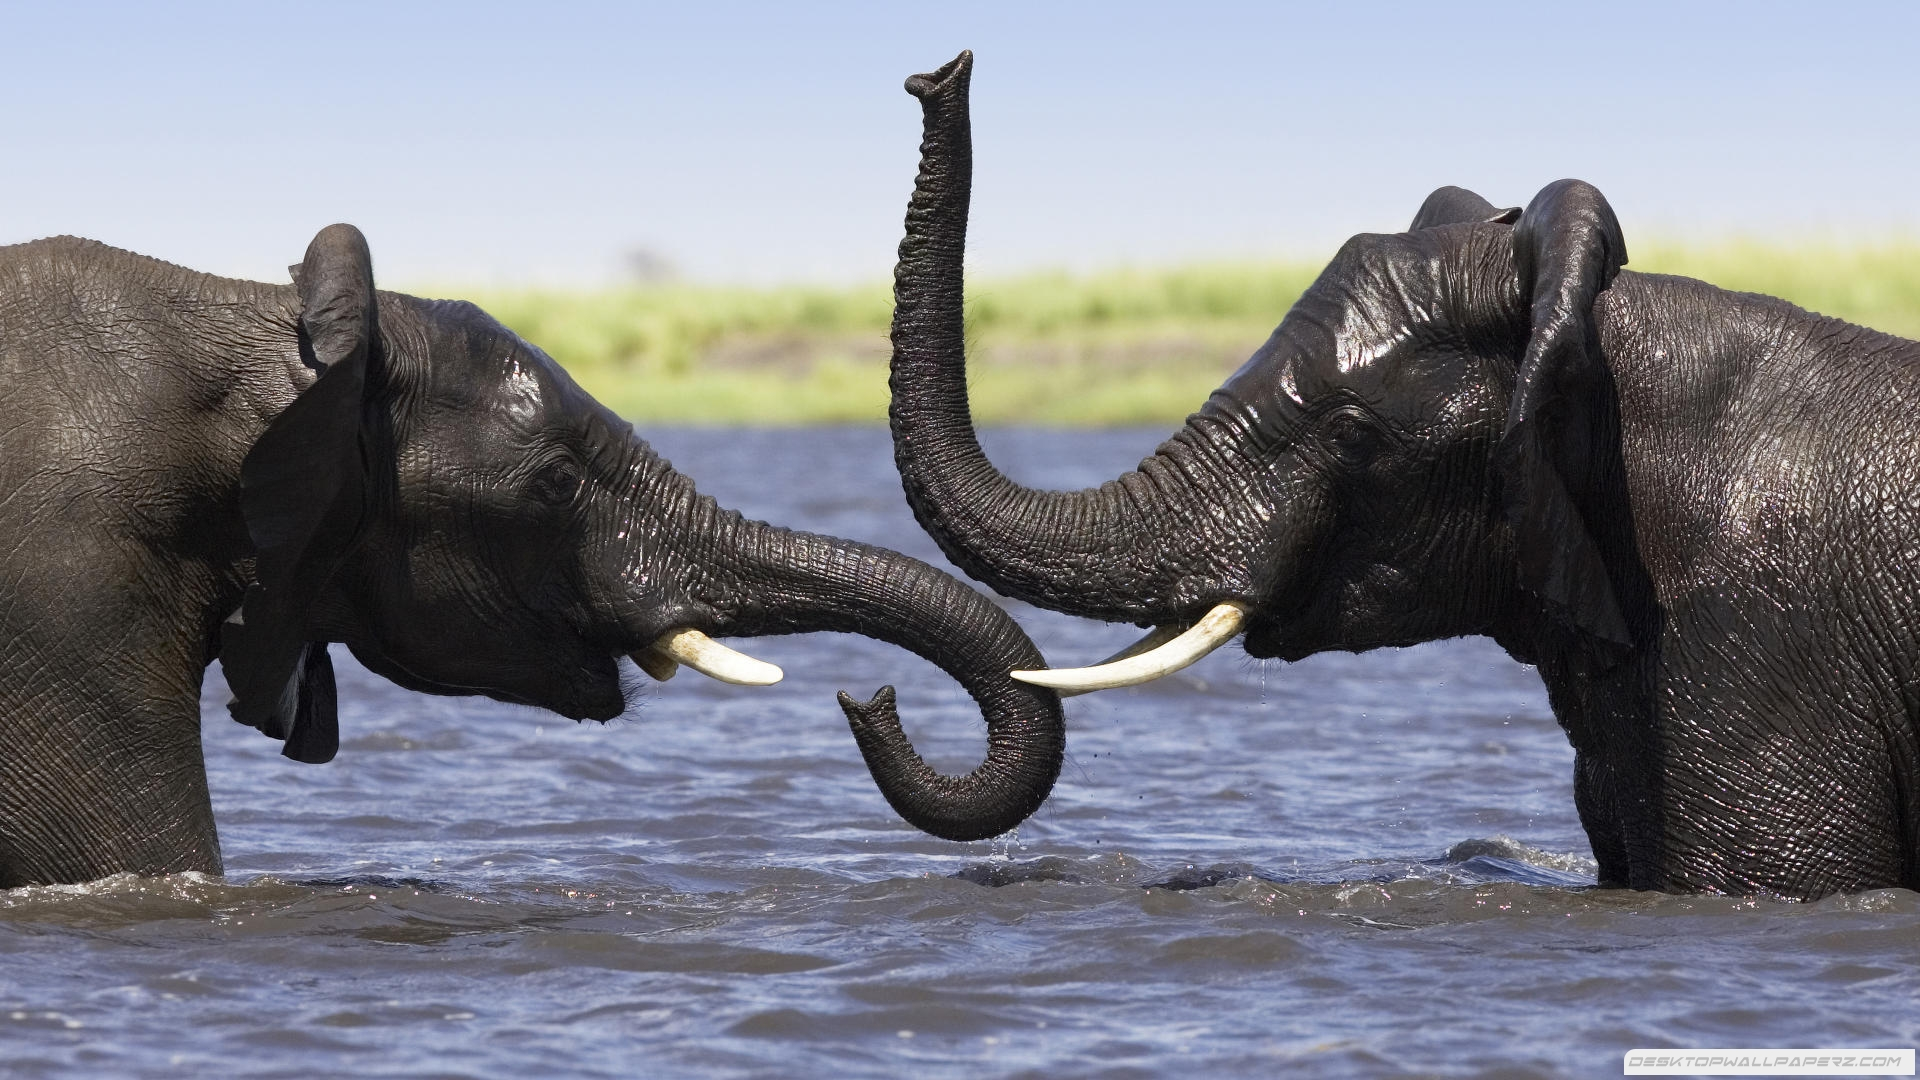 Elephant In Water 1920×1080 Wallpaper | Wide Screen Wallpaper 1080p,2K,4K